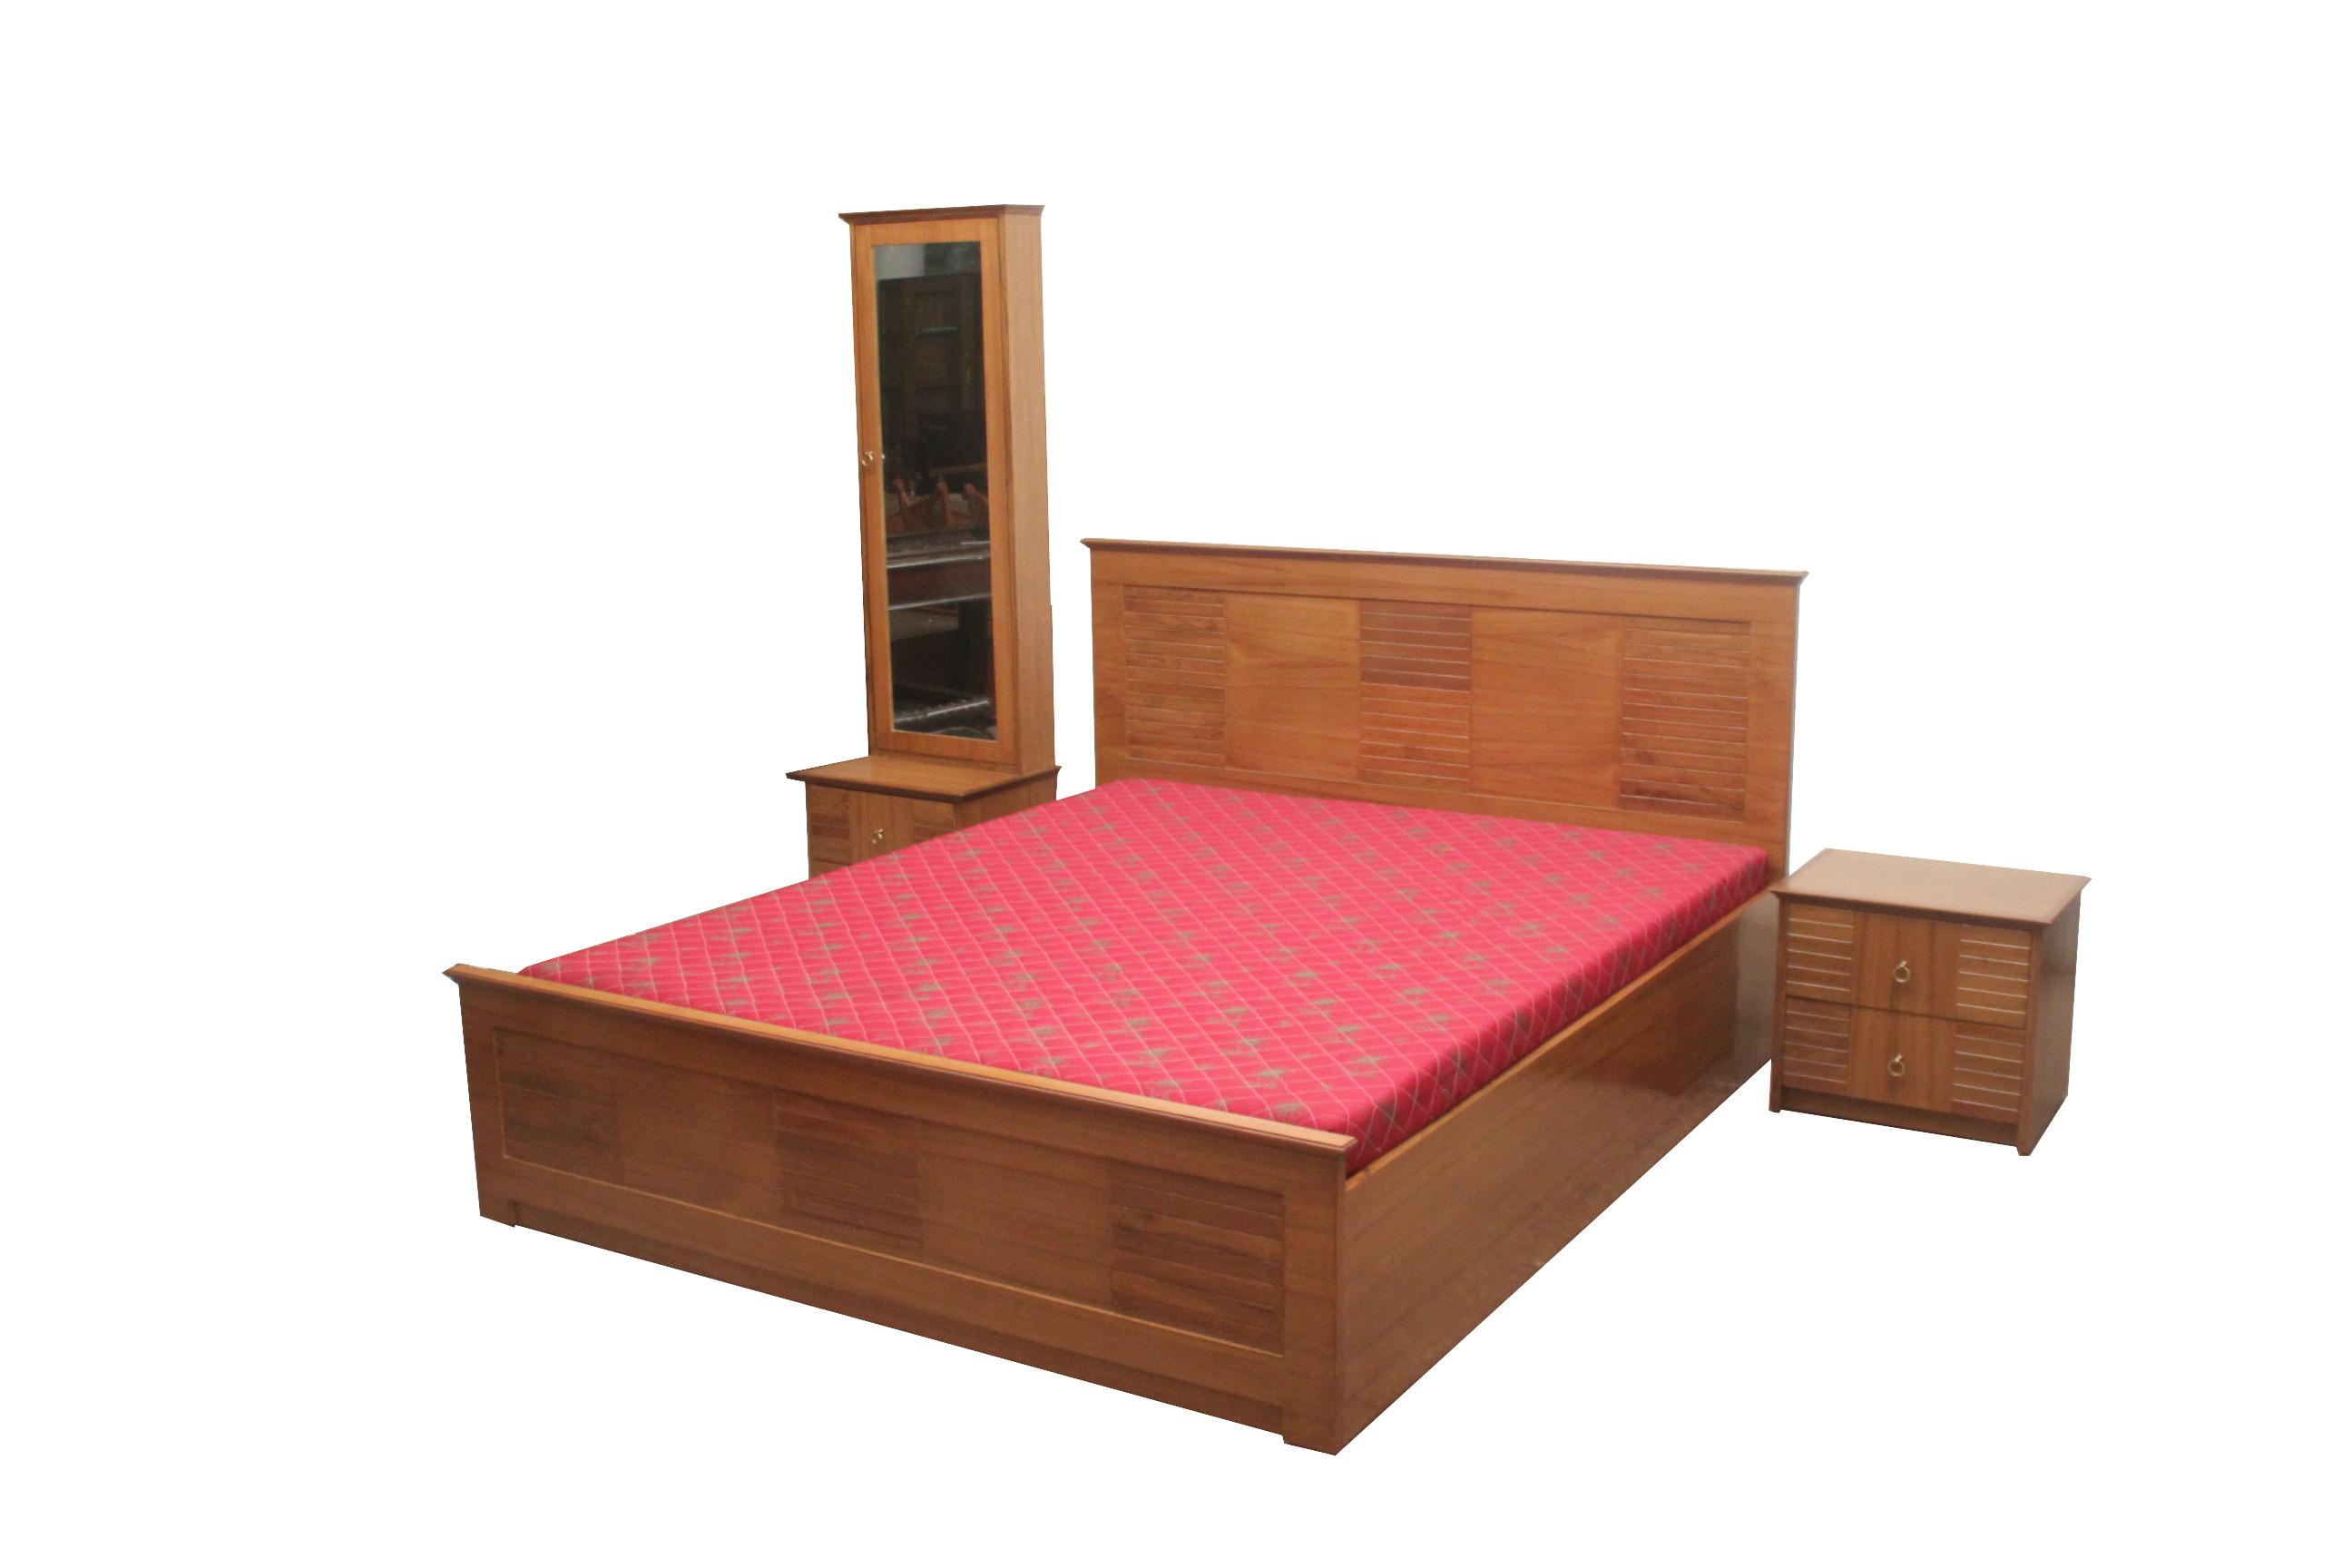 Indian wooden furniture bed - Bedset_in_teakwood_veneer Plywood